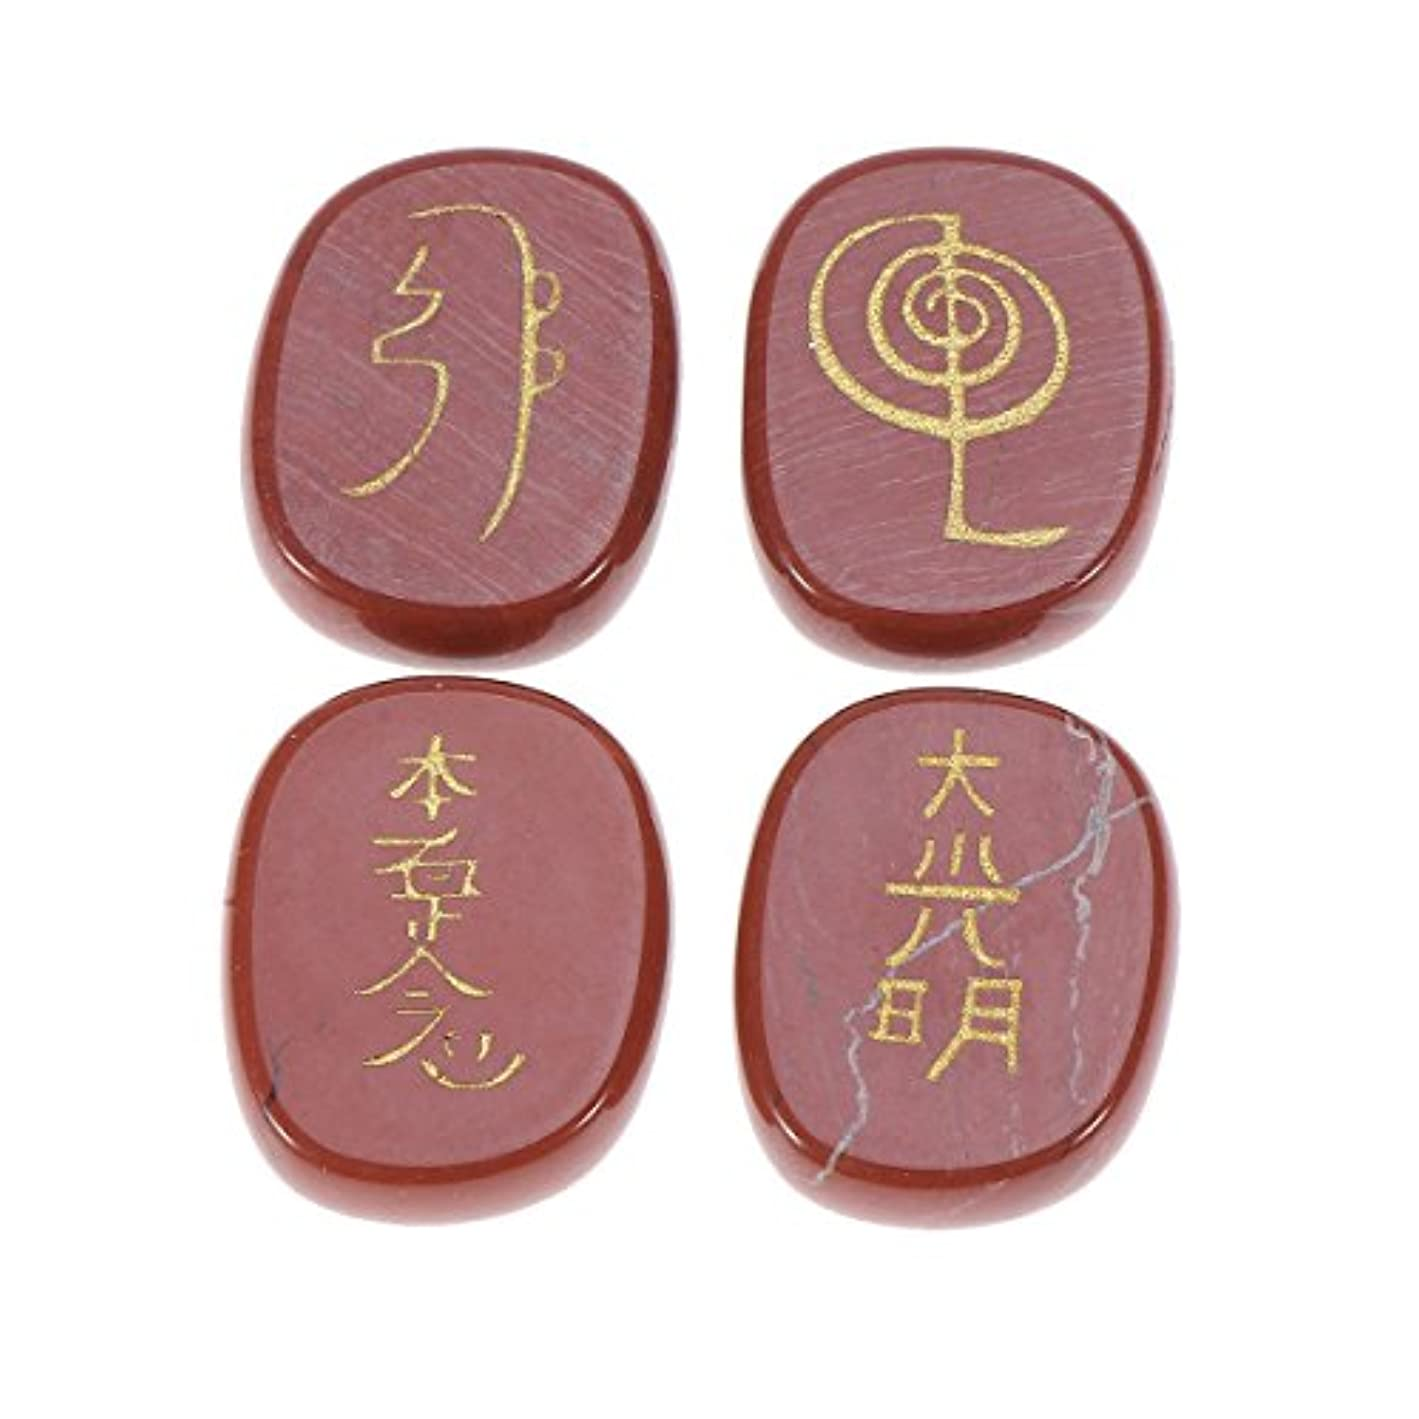 歴史タイマー実用的Healifty 宗教 石 彫刻 天然 クリスタルストーン エンジェル記号 彫刻 瞑想 4個(ダークレッド)